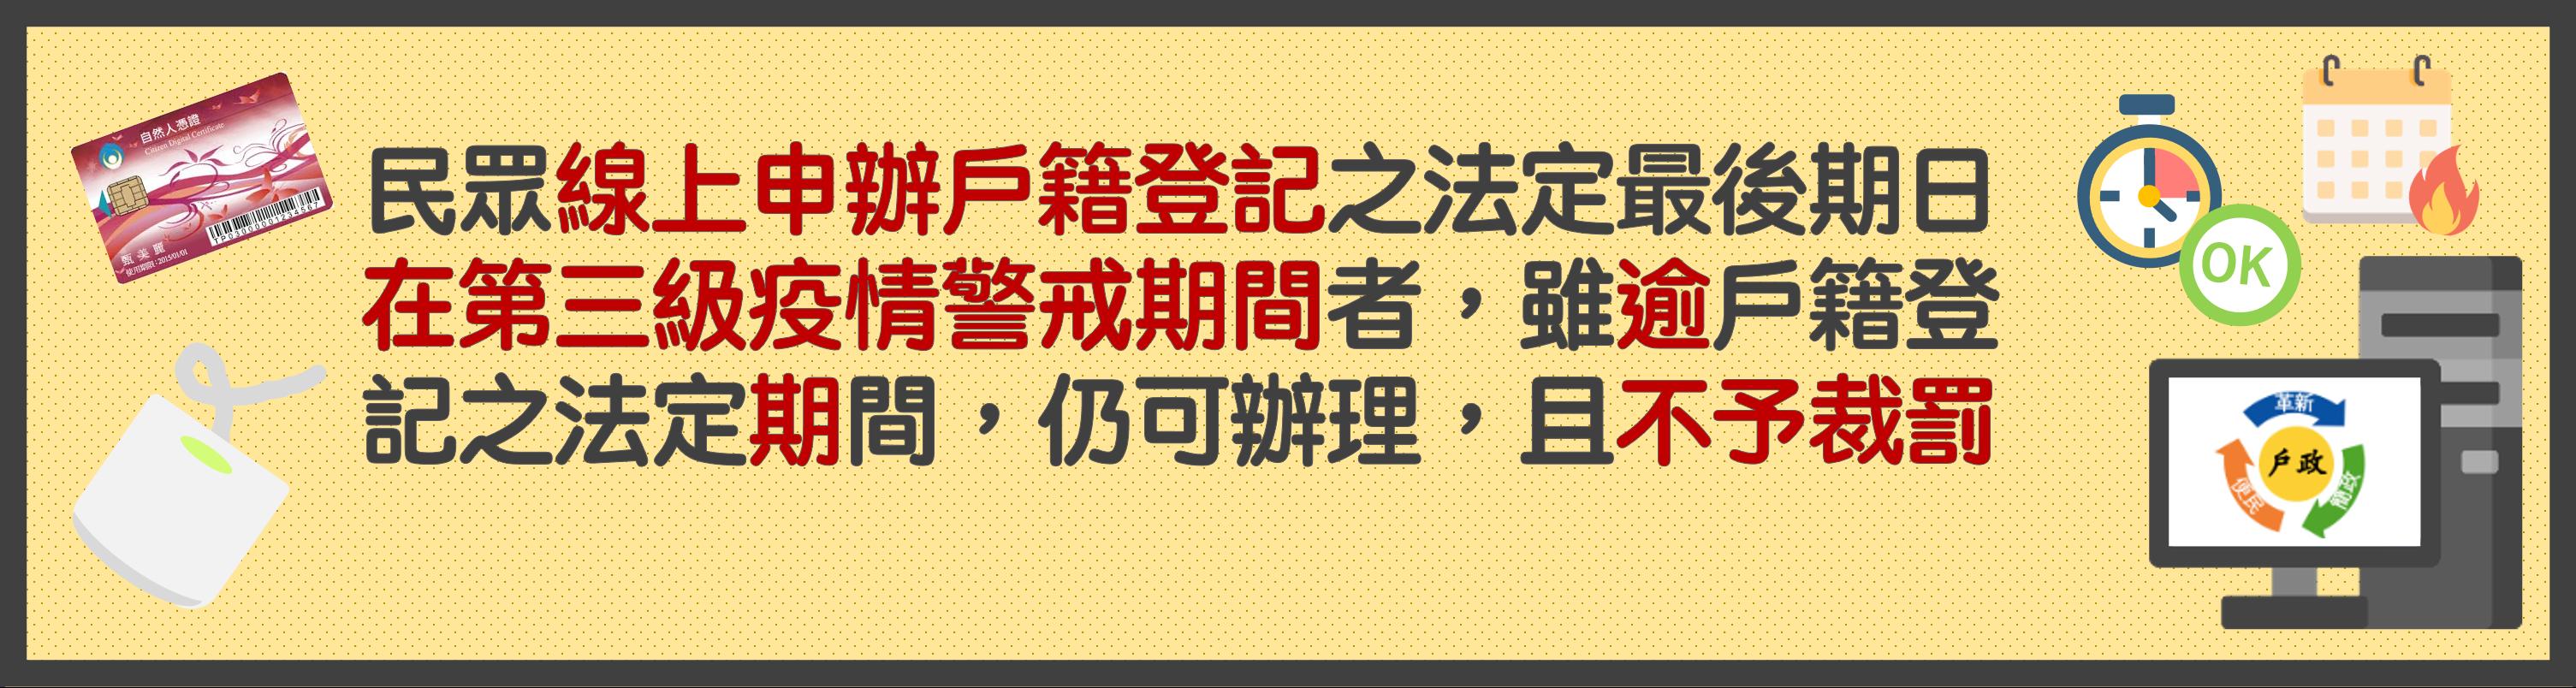 民眾線上申辦戶籍登記之法定最後期日在第三級疫情警戒期間者,雖逾戶籍登記之法定期間,仍可辦理,且不予裁罰。